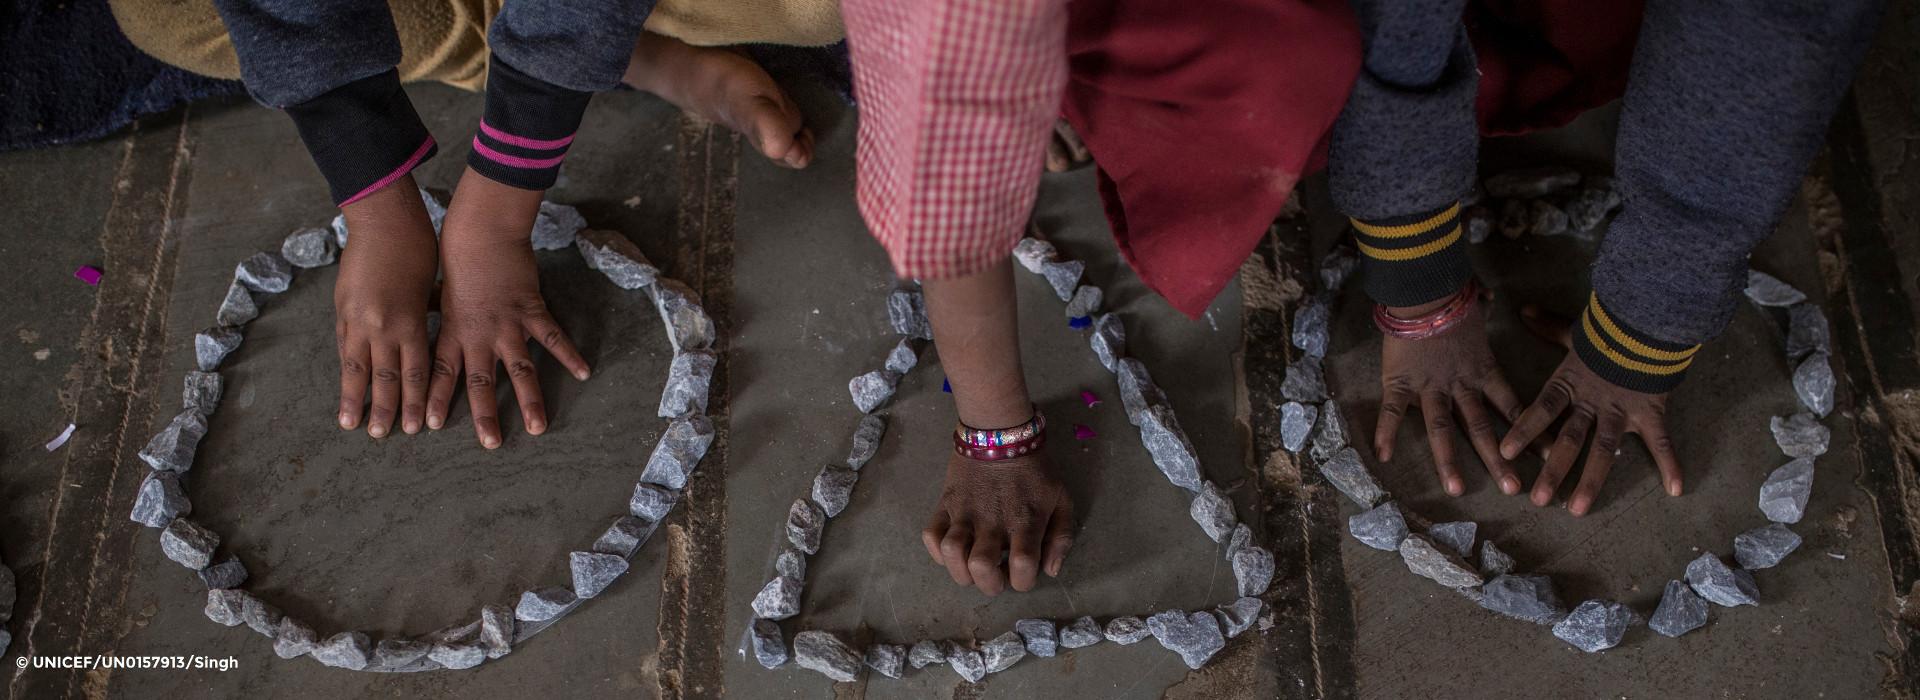 UNICEF UN0157913 Singh_Cropped 1920x700_Web